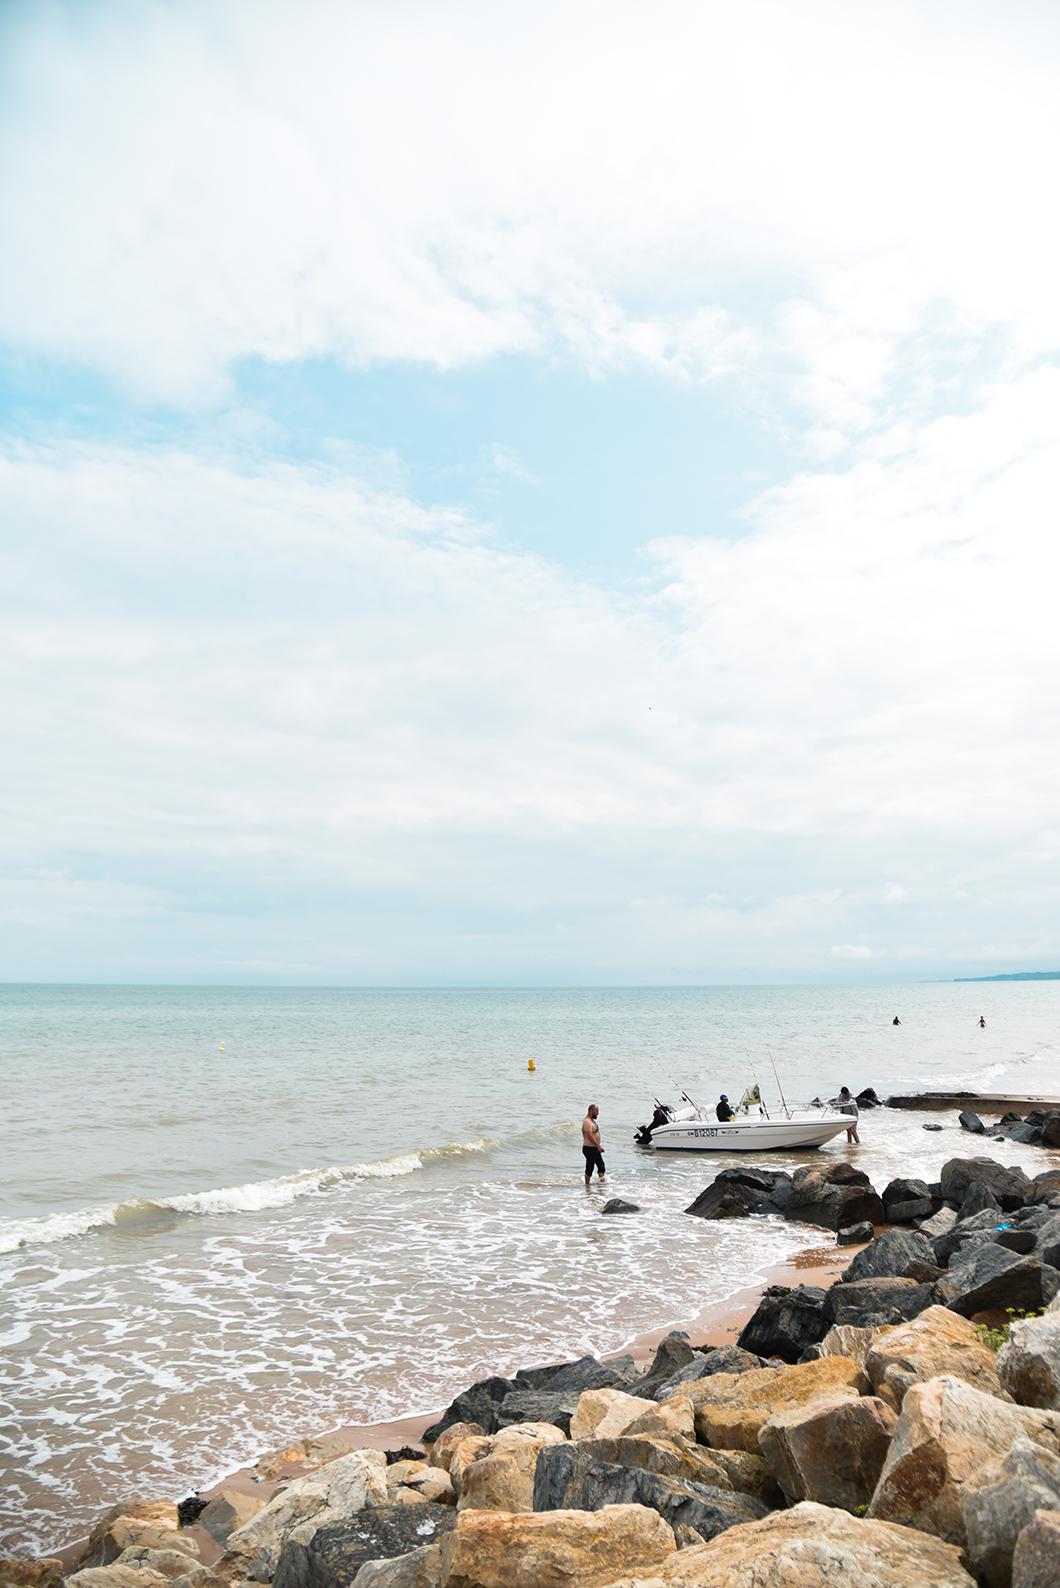 Les 5 plages du débarquement, incontournable dans le Calvados